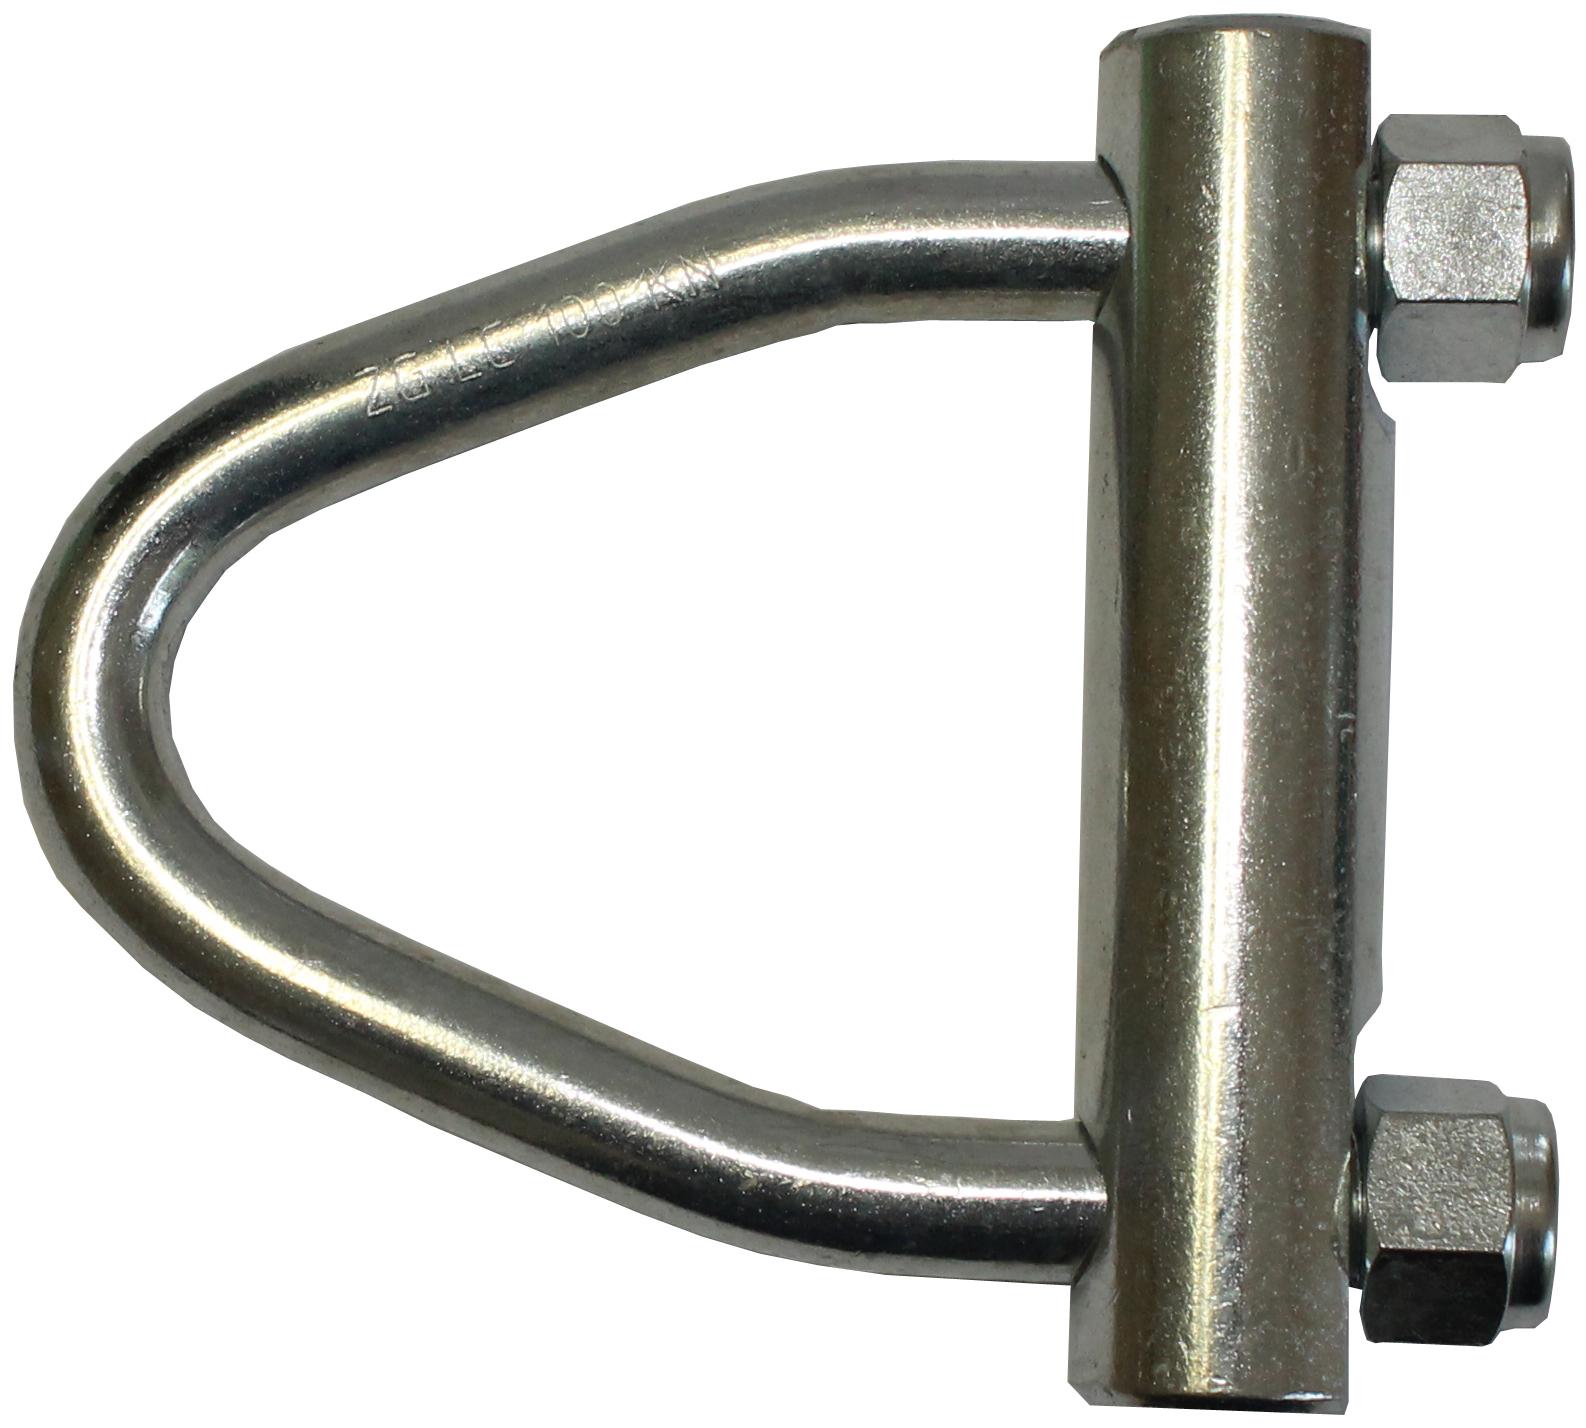 Bandbügel 75 mm